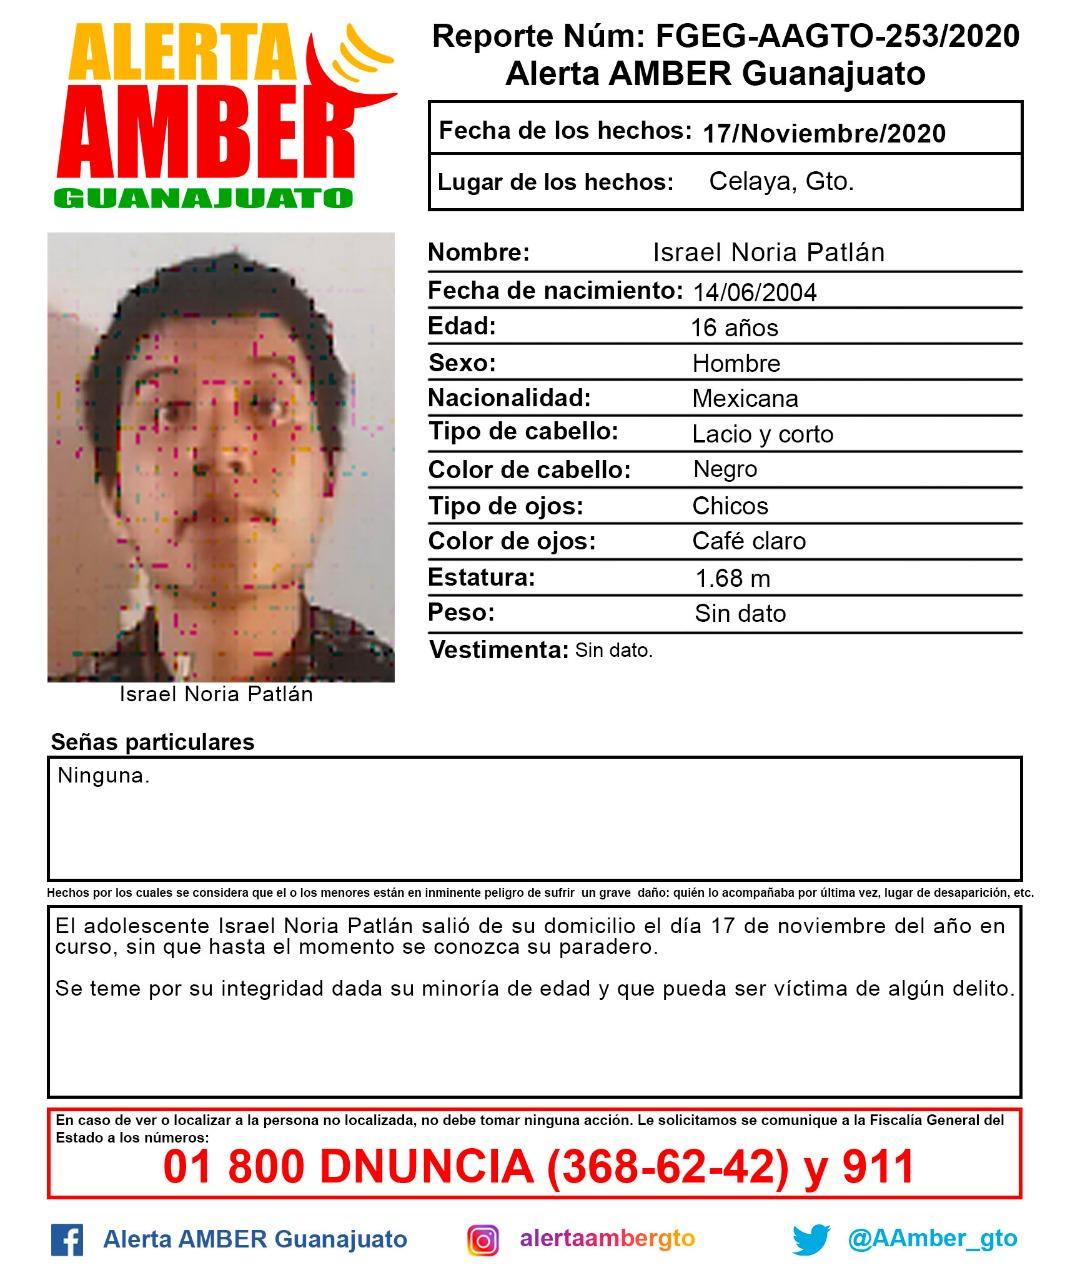 ¡AYUDA A ENCONTRARLO! ALERTA AMBER GUANAJUATO